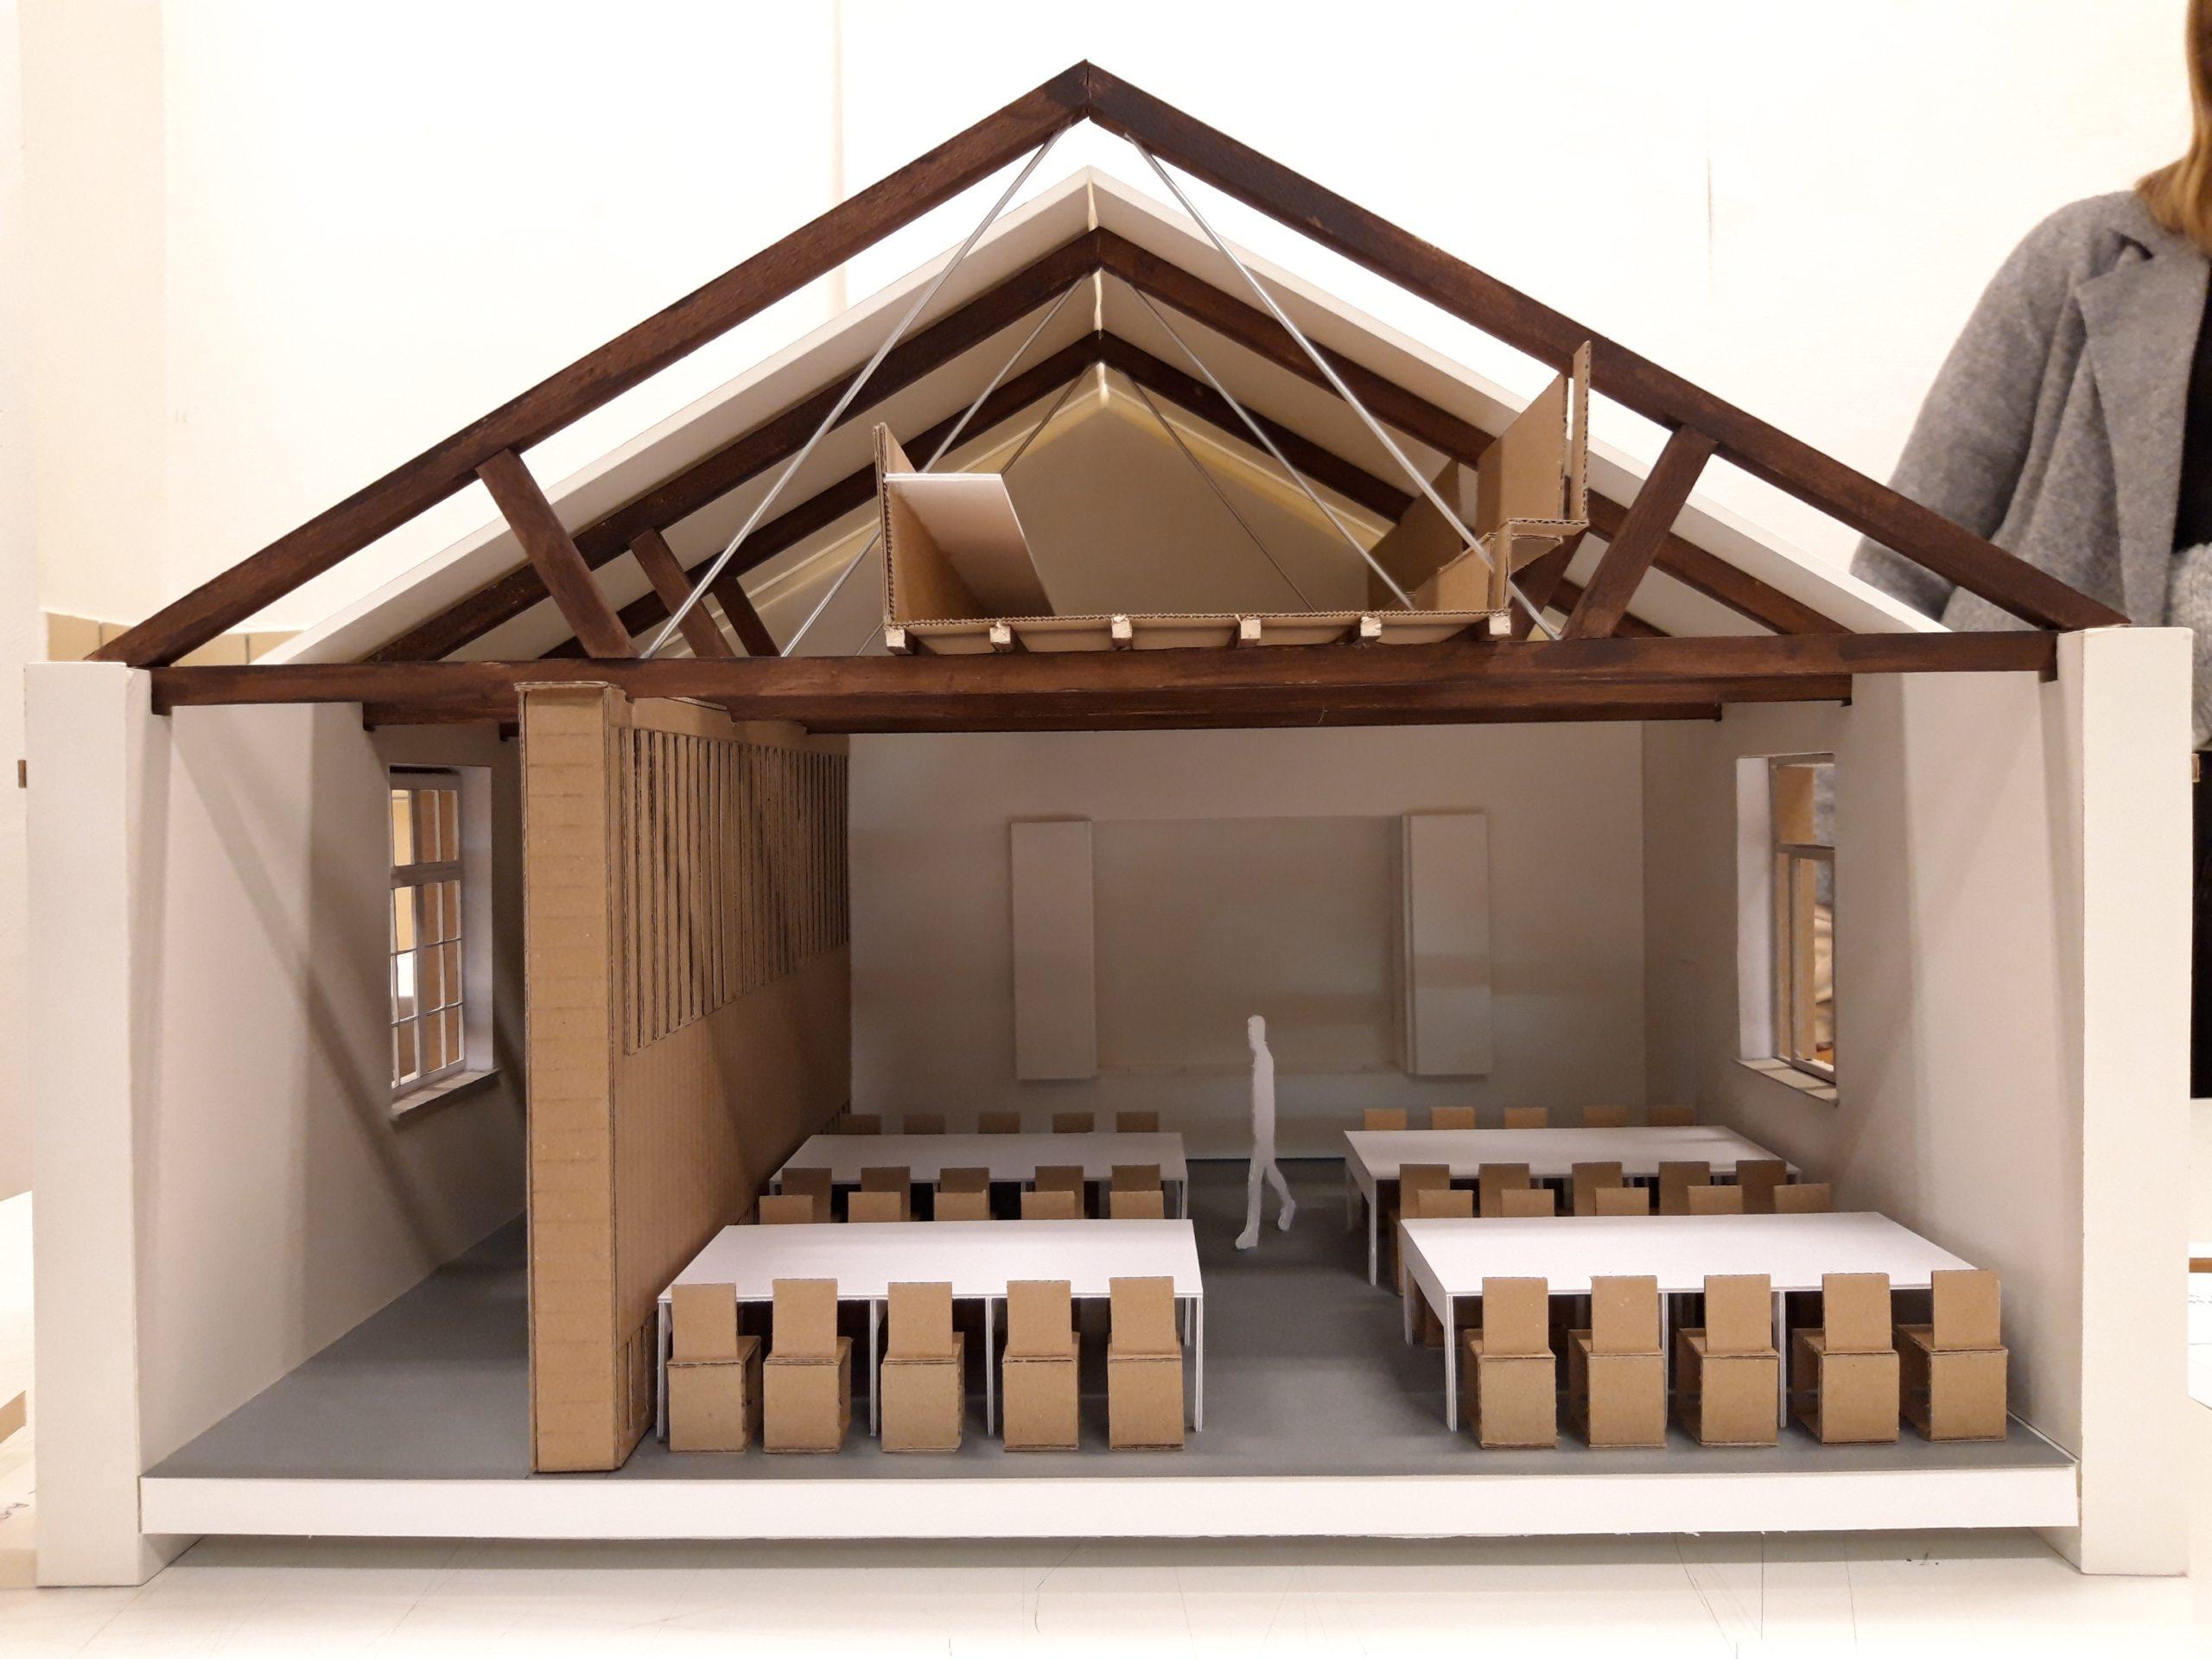 L Architecture D Intérieur architecture d'intérieur | École supérieure des arts - saint